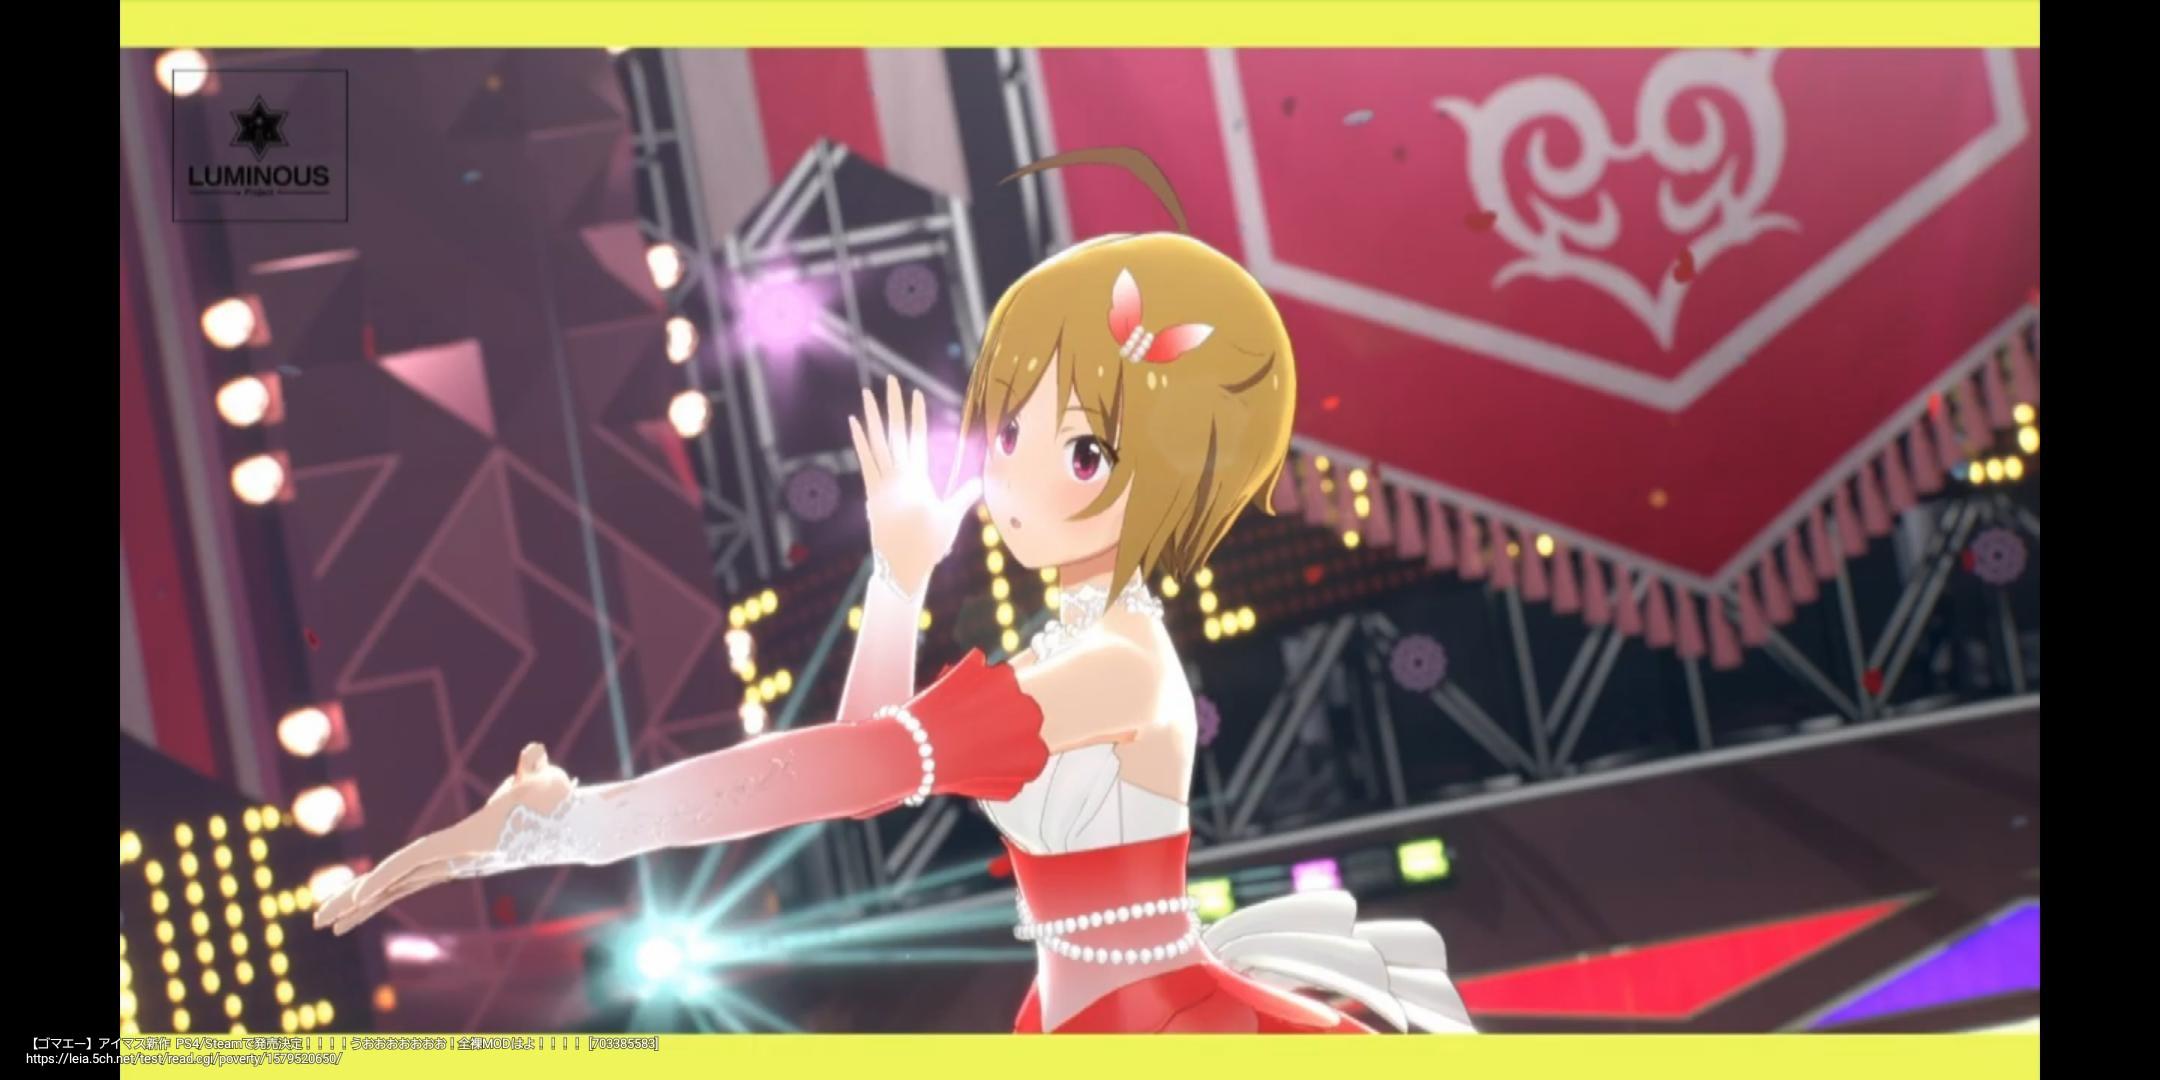 1 26 - 【ゴマエー】アイマス新作  PS4/Steamで発売決定!!!!